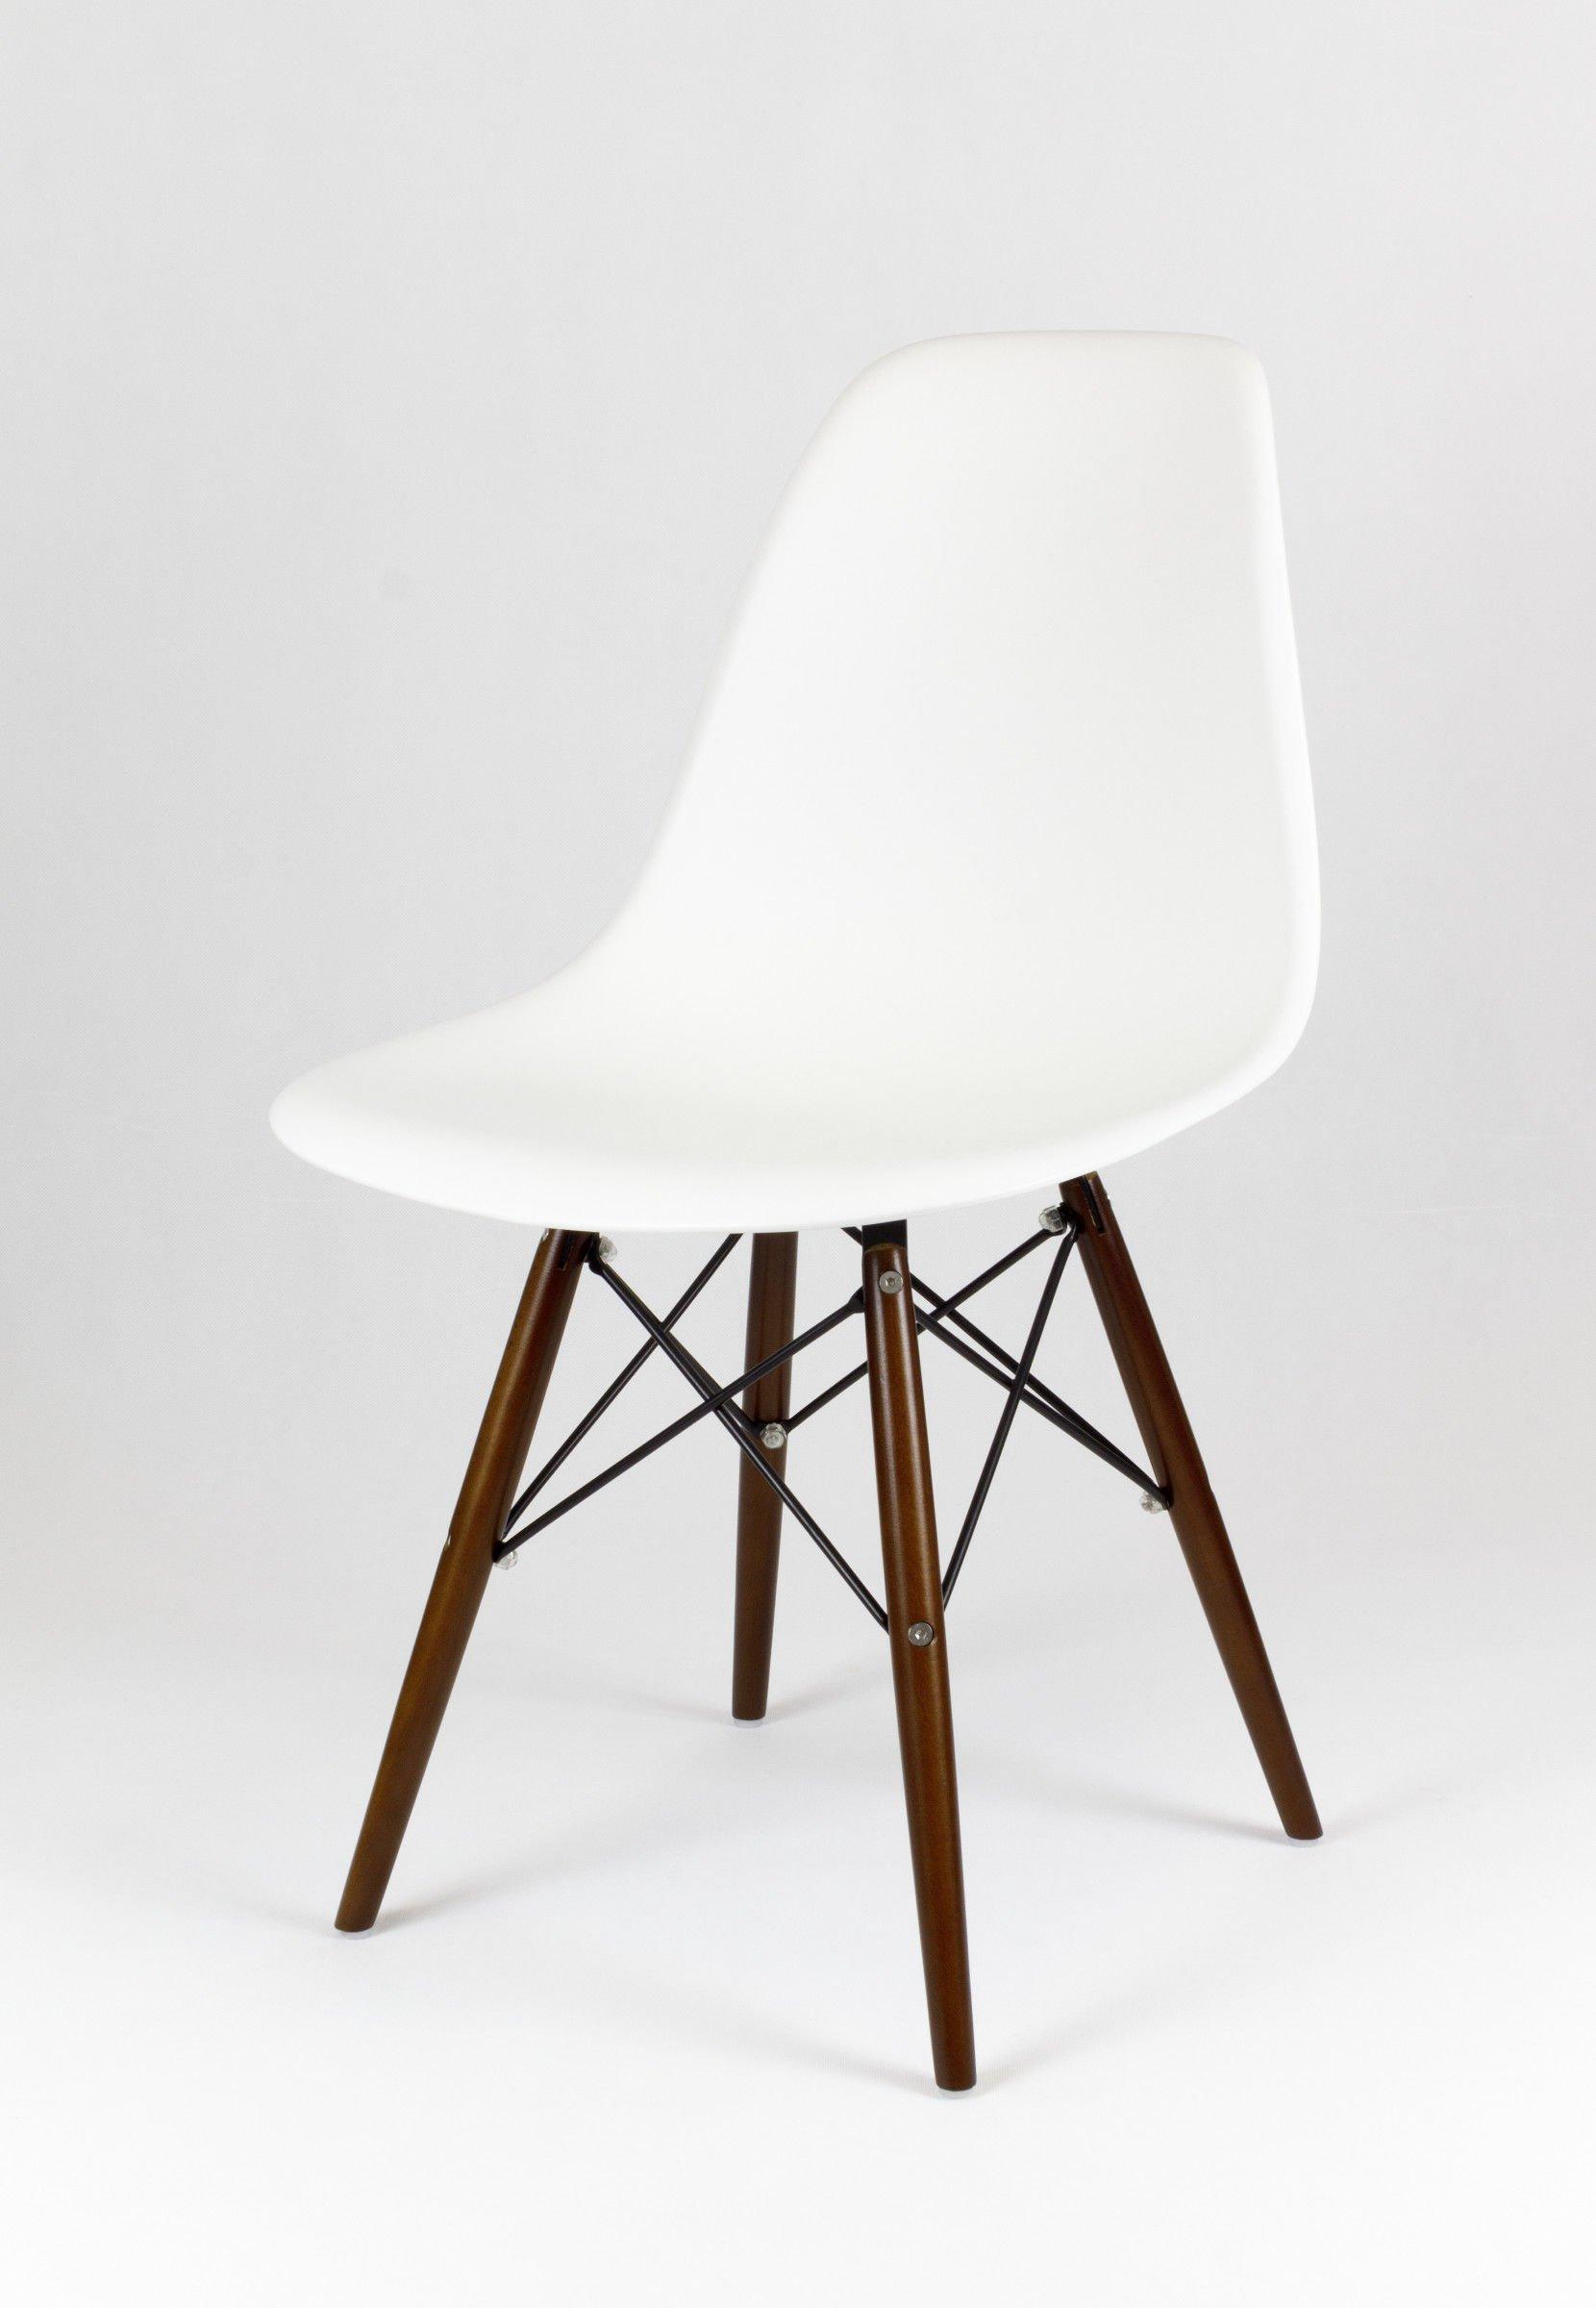 sk design kr012 weiss stuhl wenge weiss holz wenge. Black Bedroom Furniture Sets. Home Design Ideas